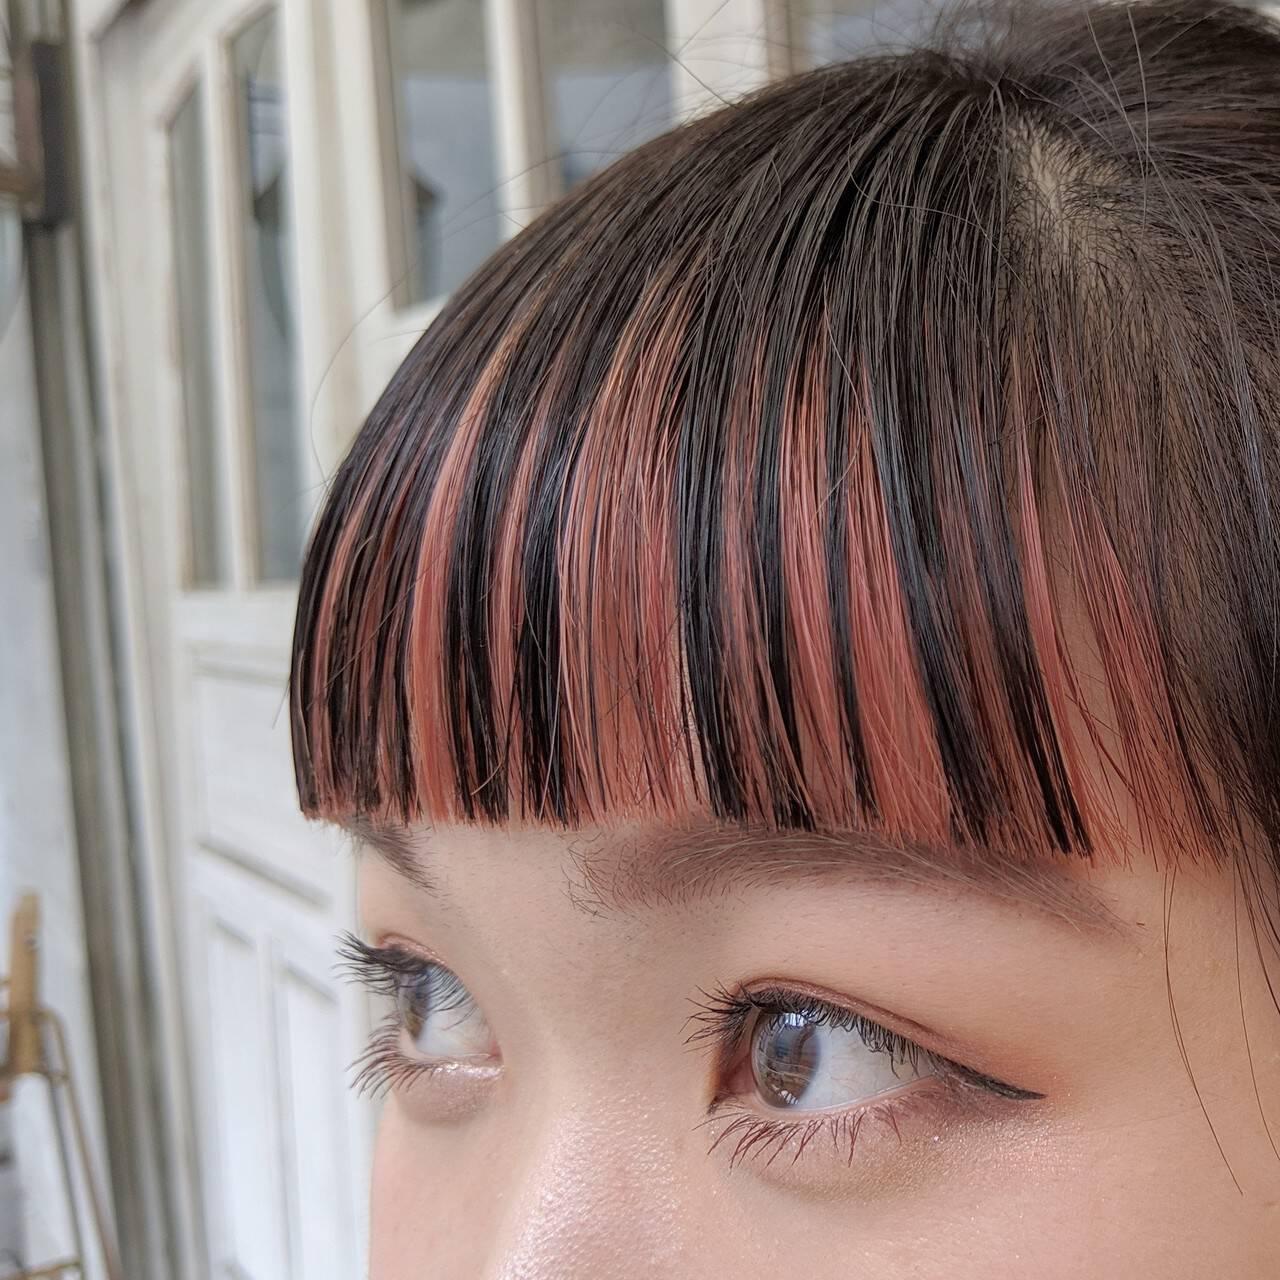 オン眉 前髪インナーカラー 前髪パッツン ガーリーヘアスタイルや髪型の写真・画像